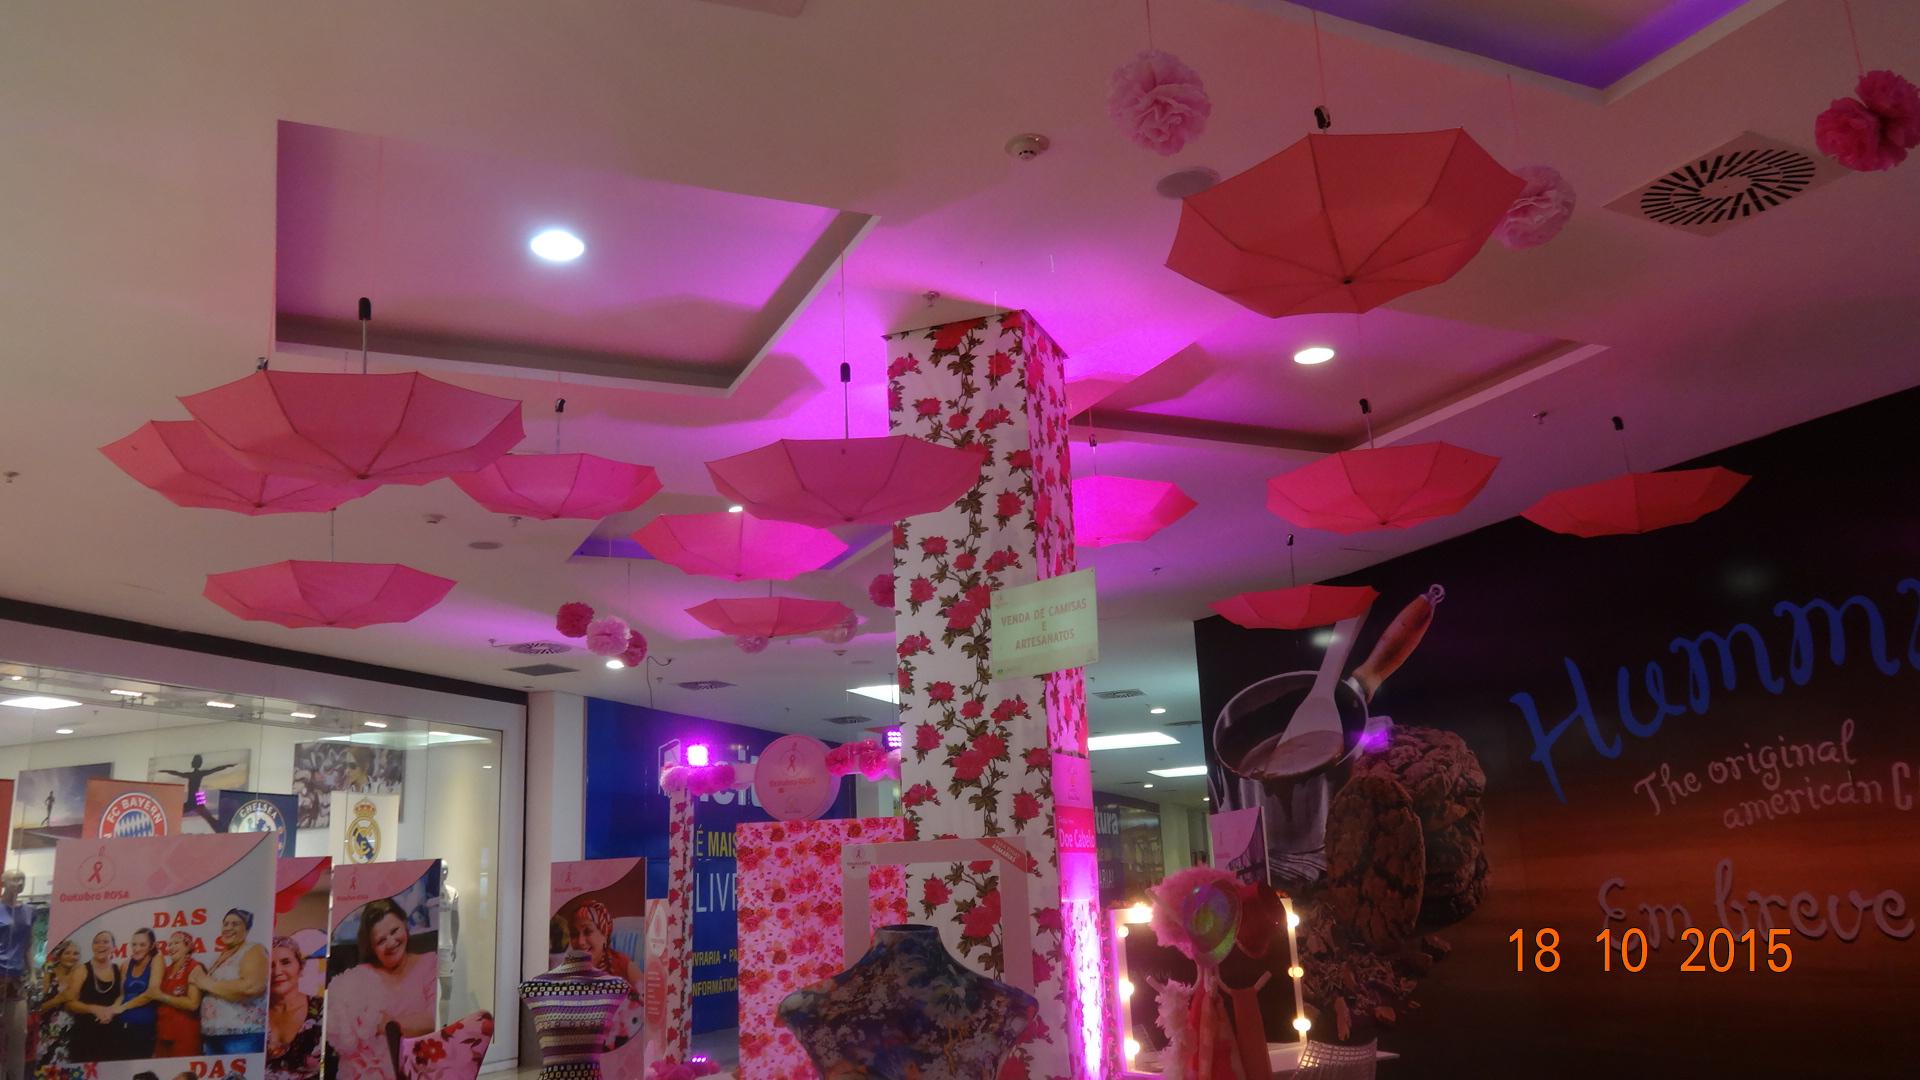 Conhecido Outubro Rosa Amazonas Shopping - Mode On Eventos GV84